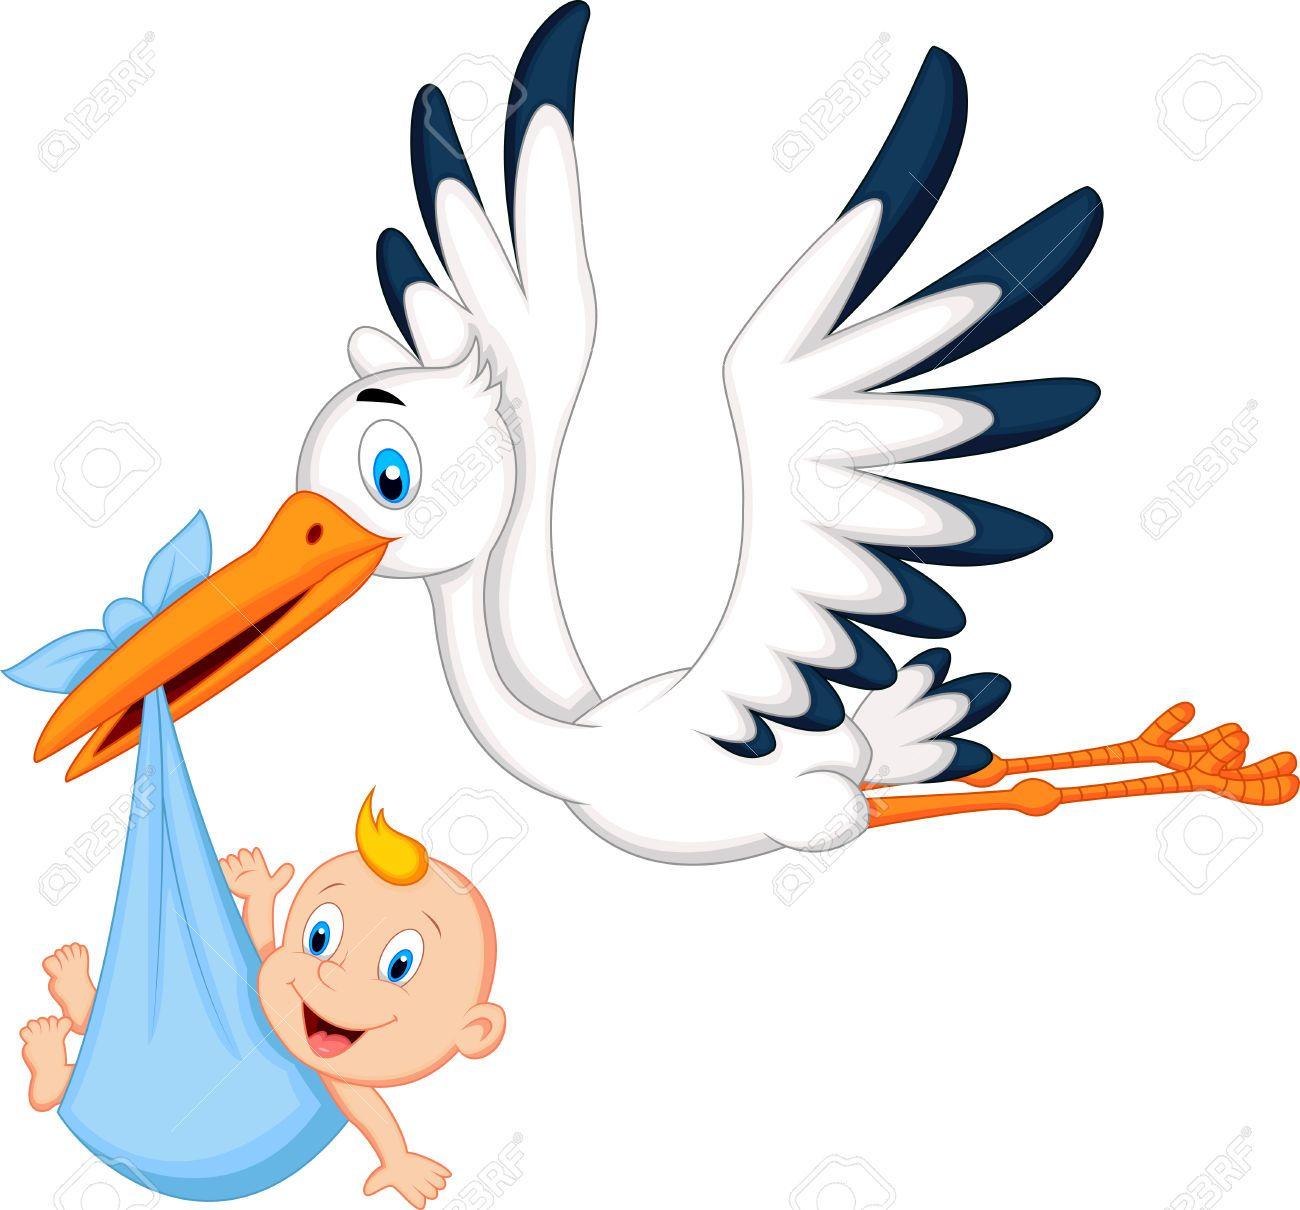 cigueña bebe baby shower - Buscar con Google | babe | Pinterest ...